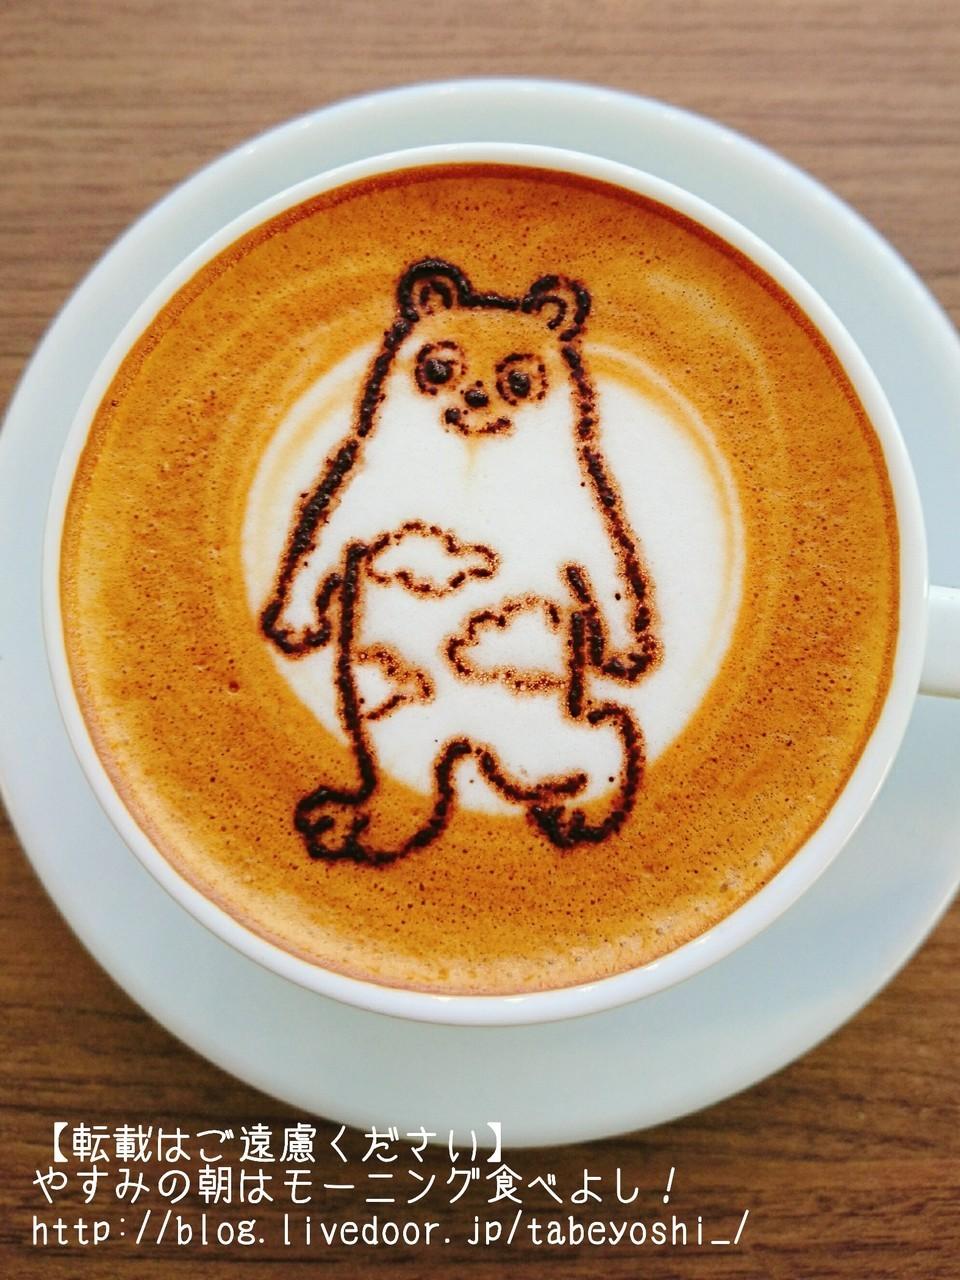 熱咖啡拉花